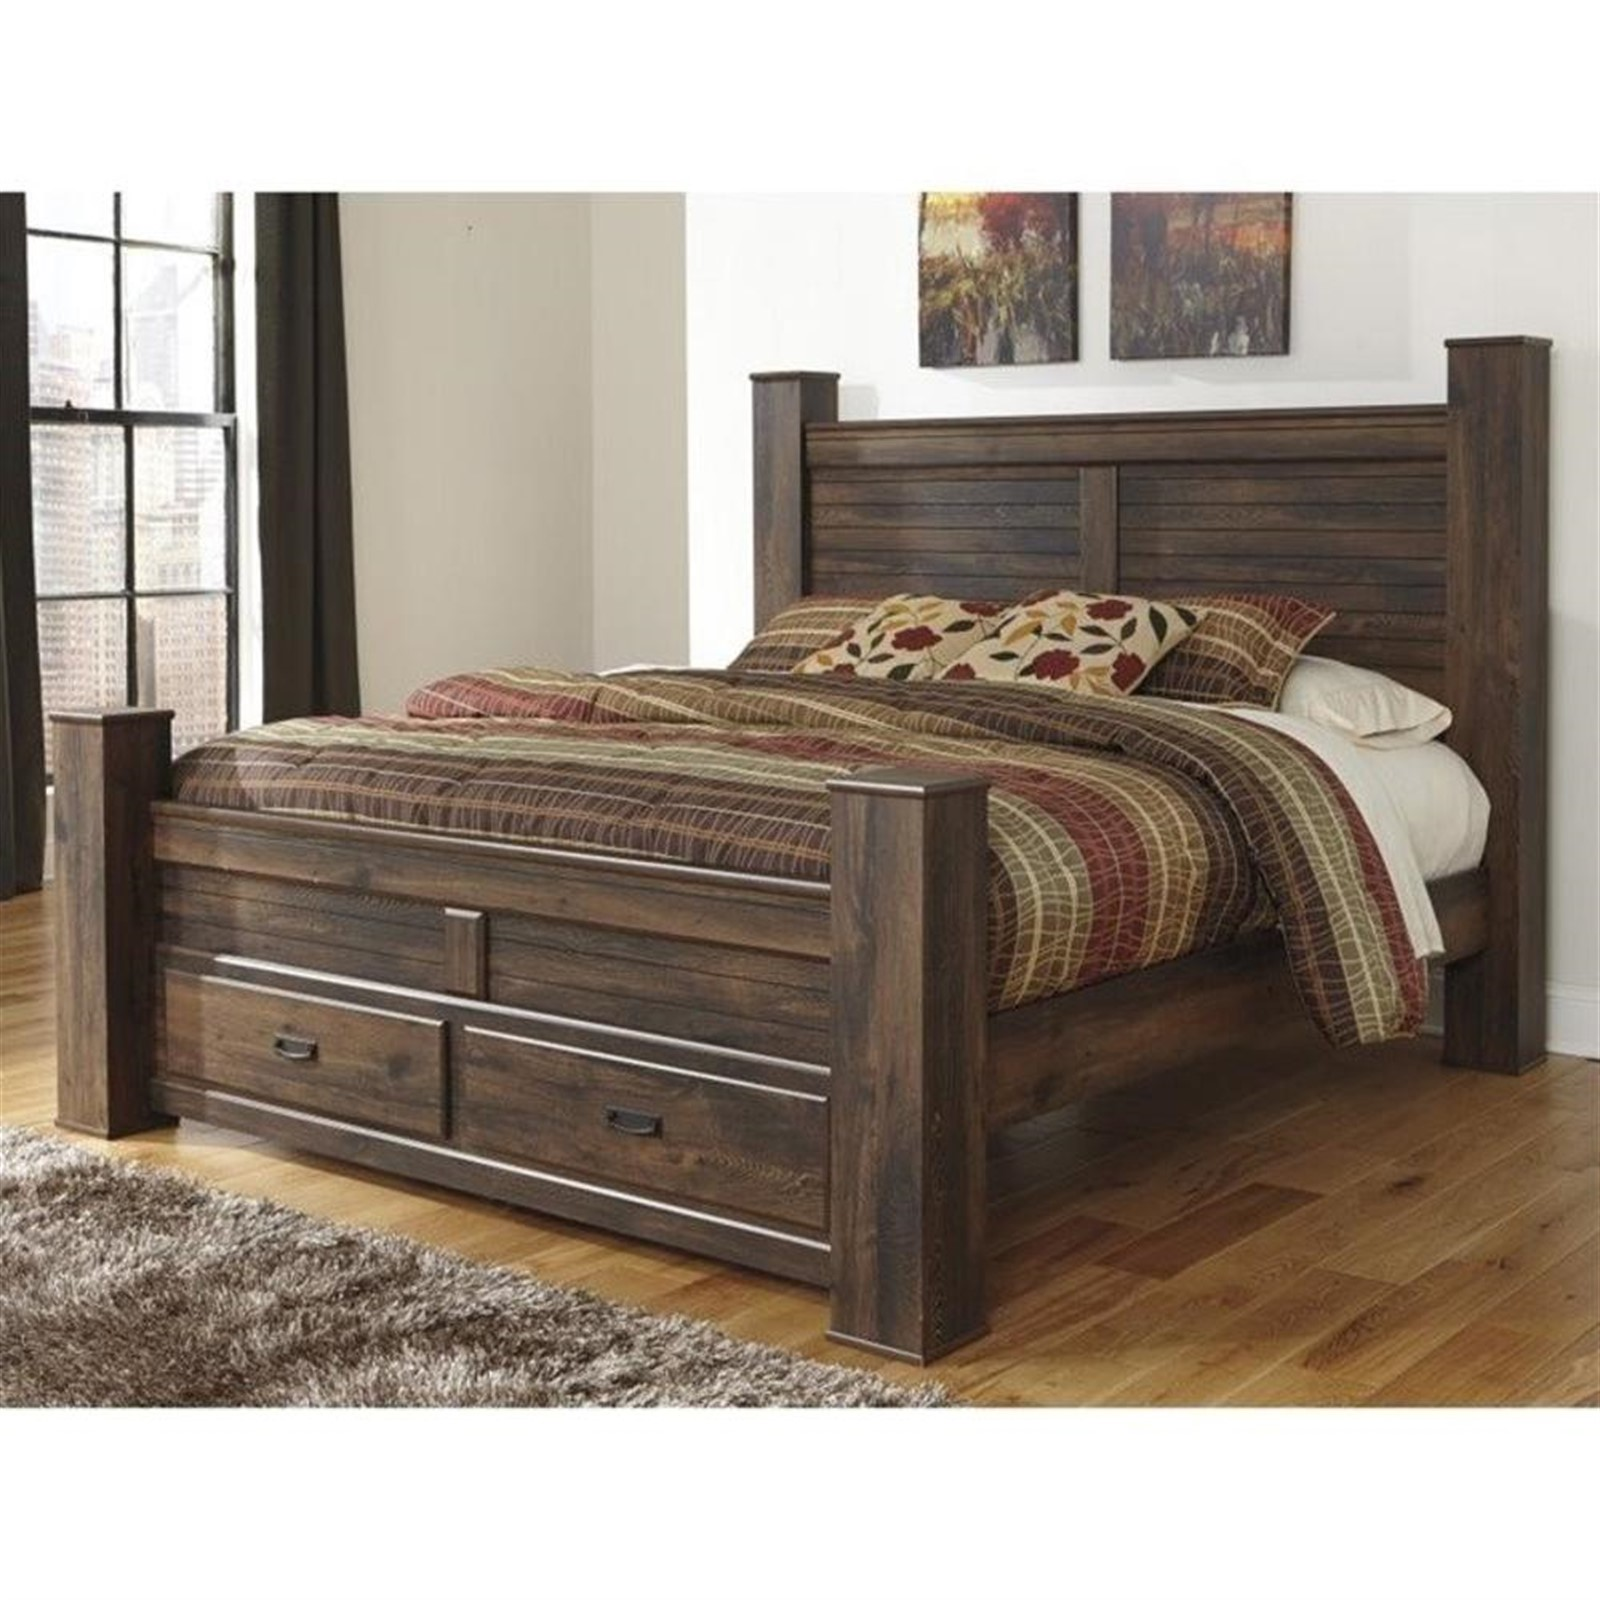 Quinden Dark Brown Queen Bed with Posts with Footboard Storage